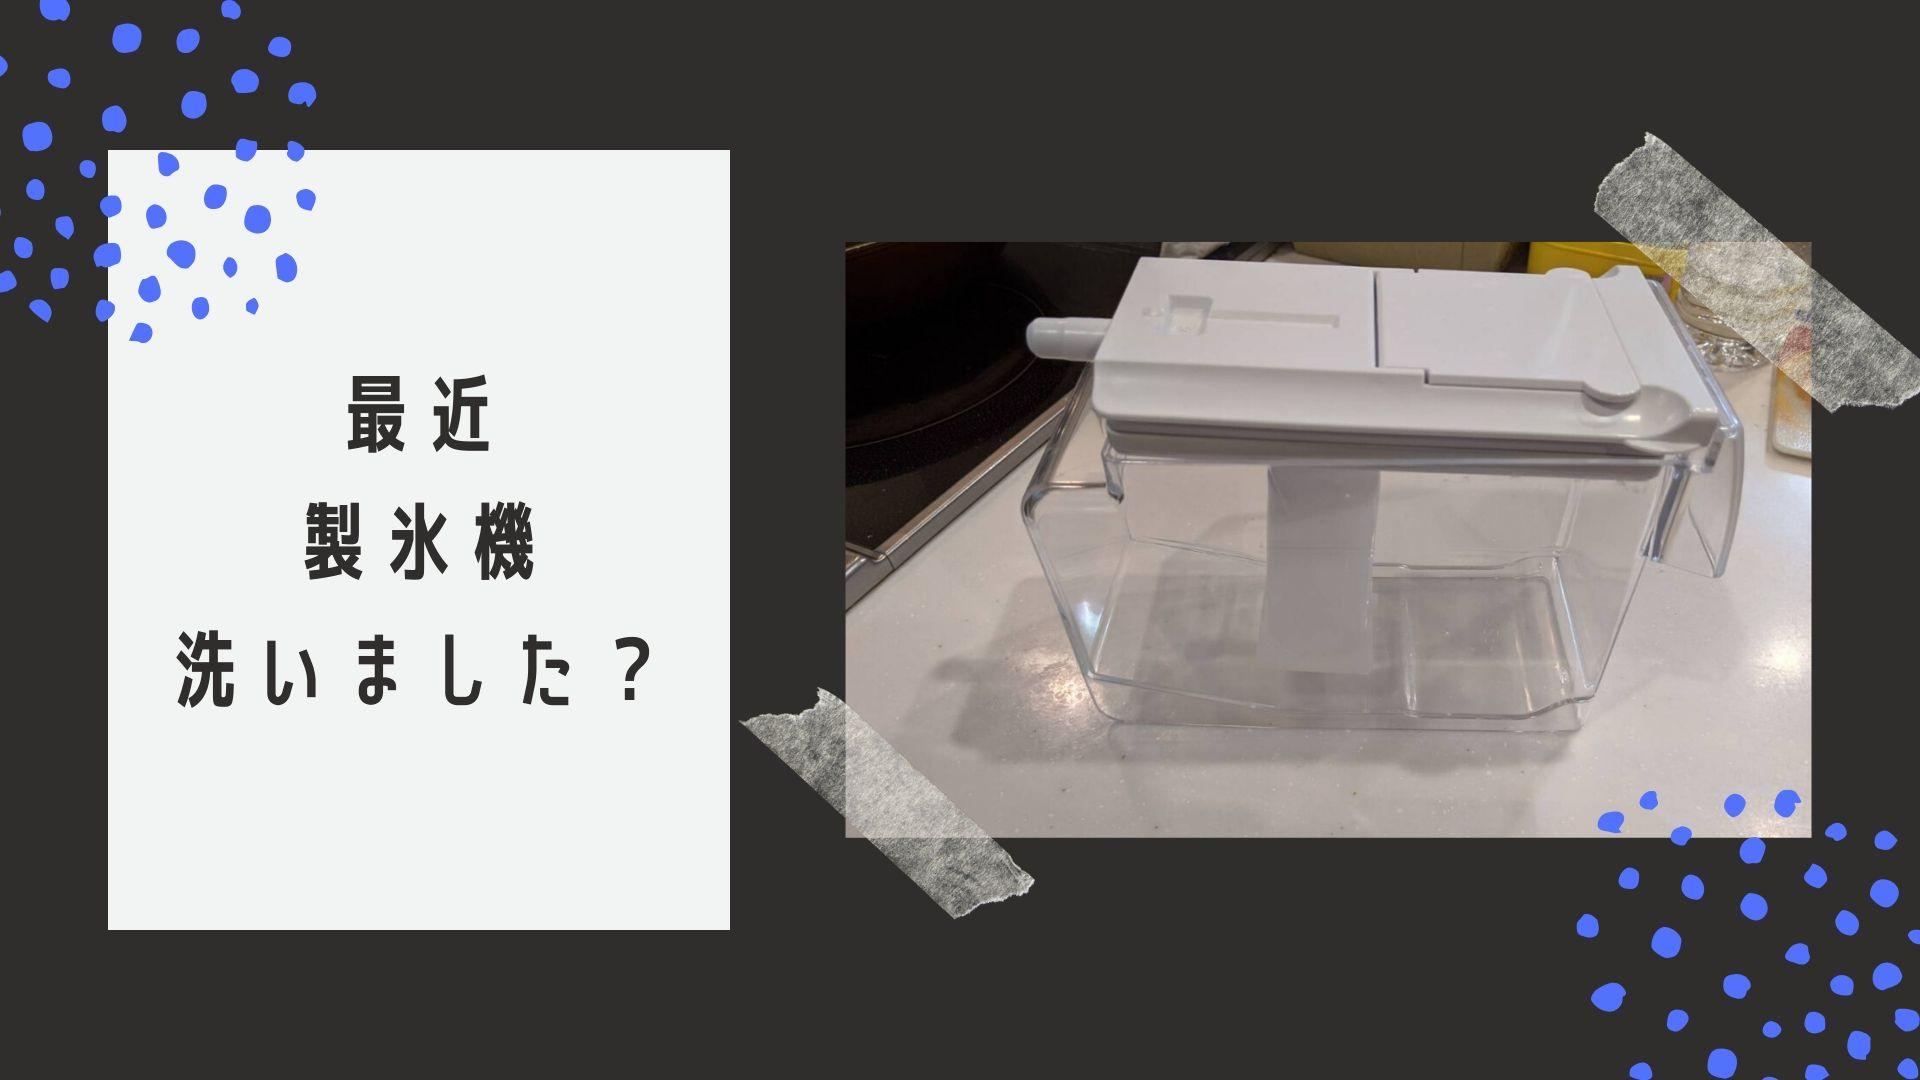 最近 製氷機 洗いました?